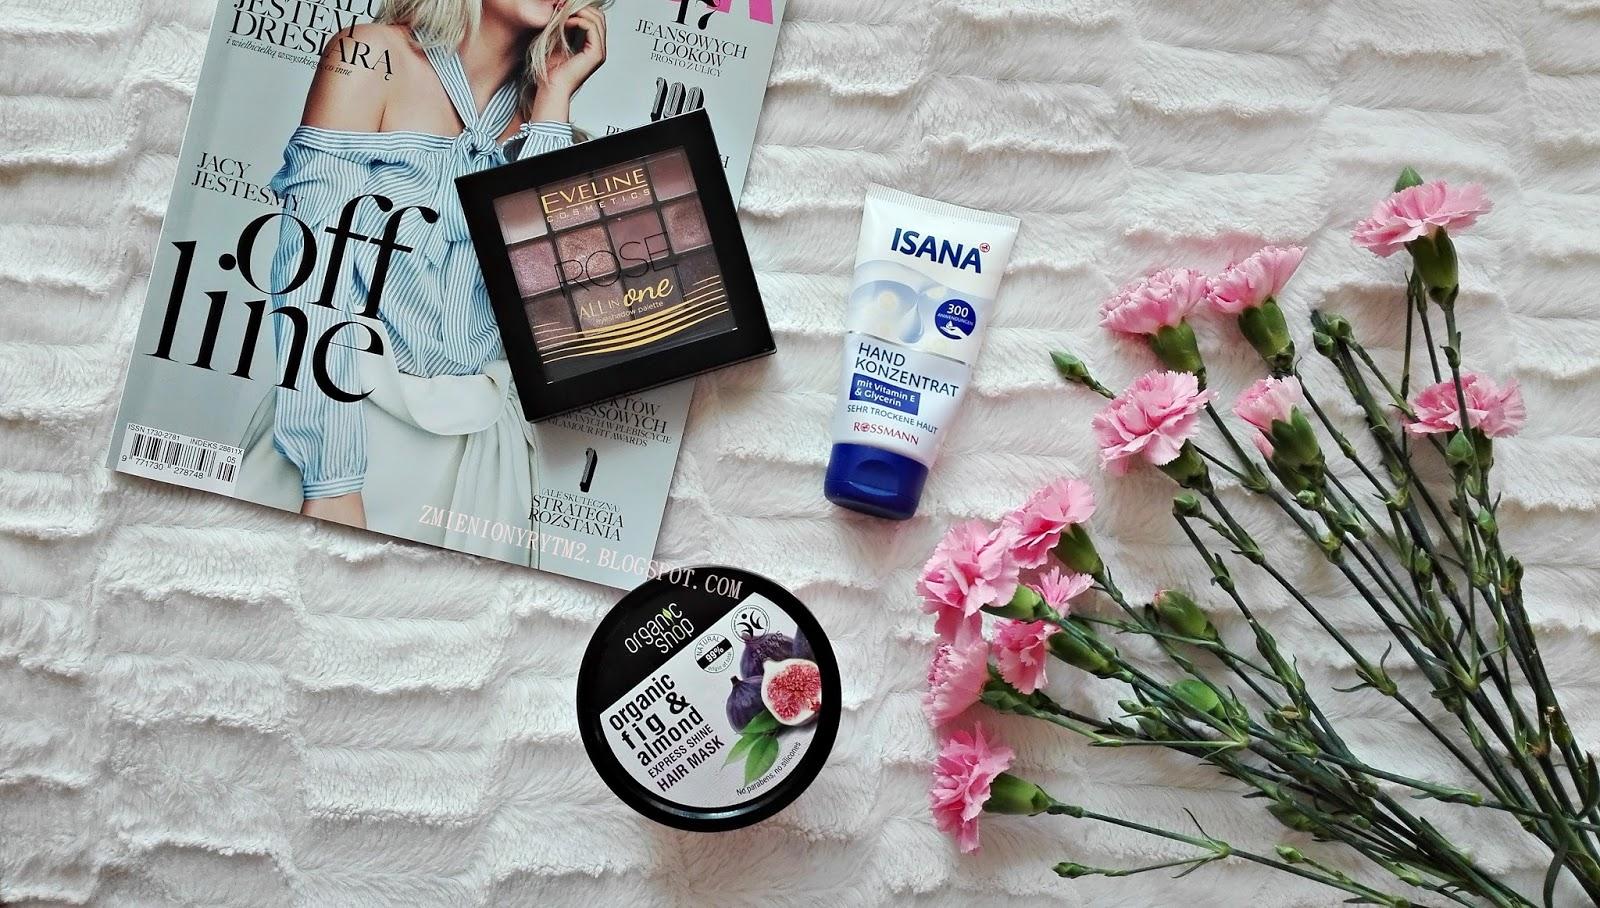 Ulubieńcy kwietnia | Eveline, Isana, Organic Shop